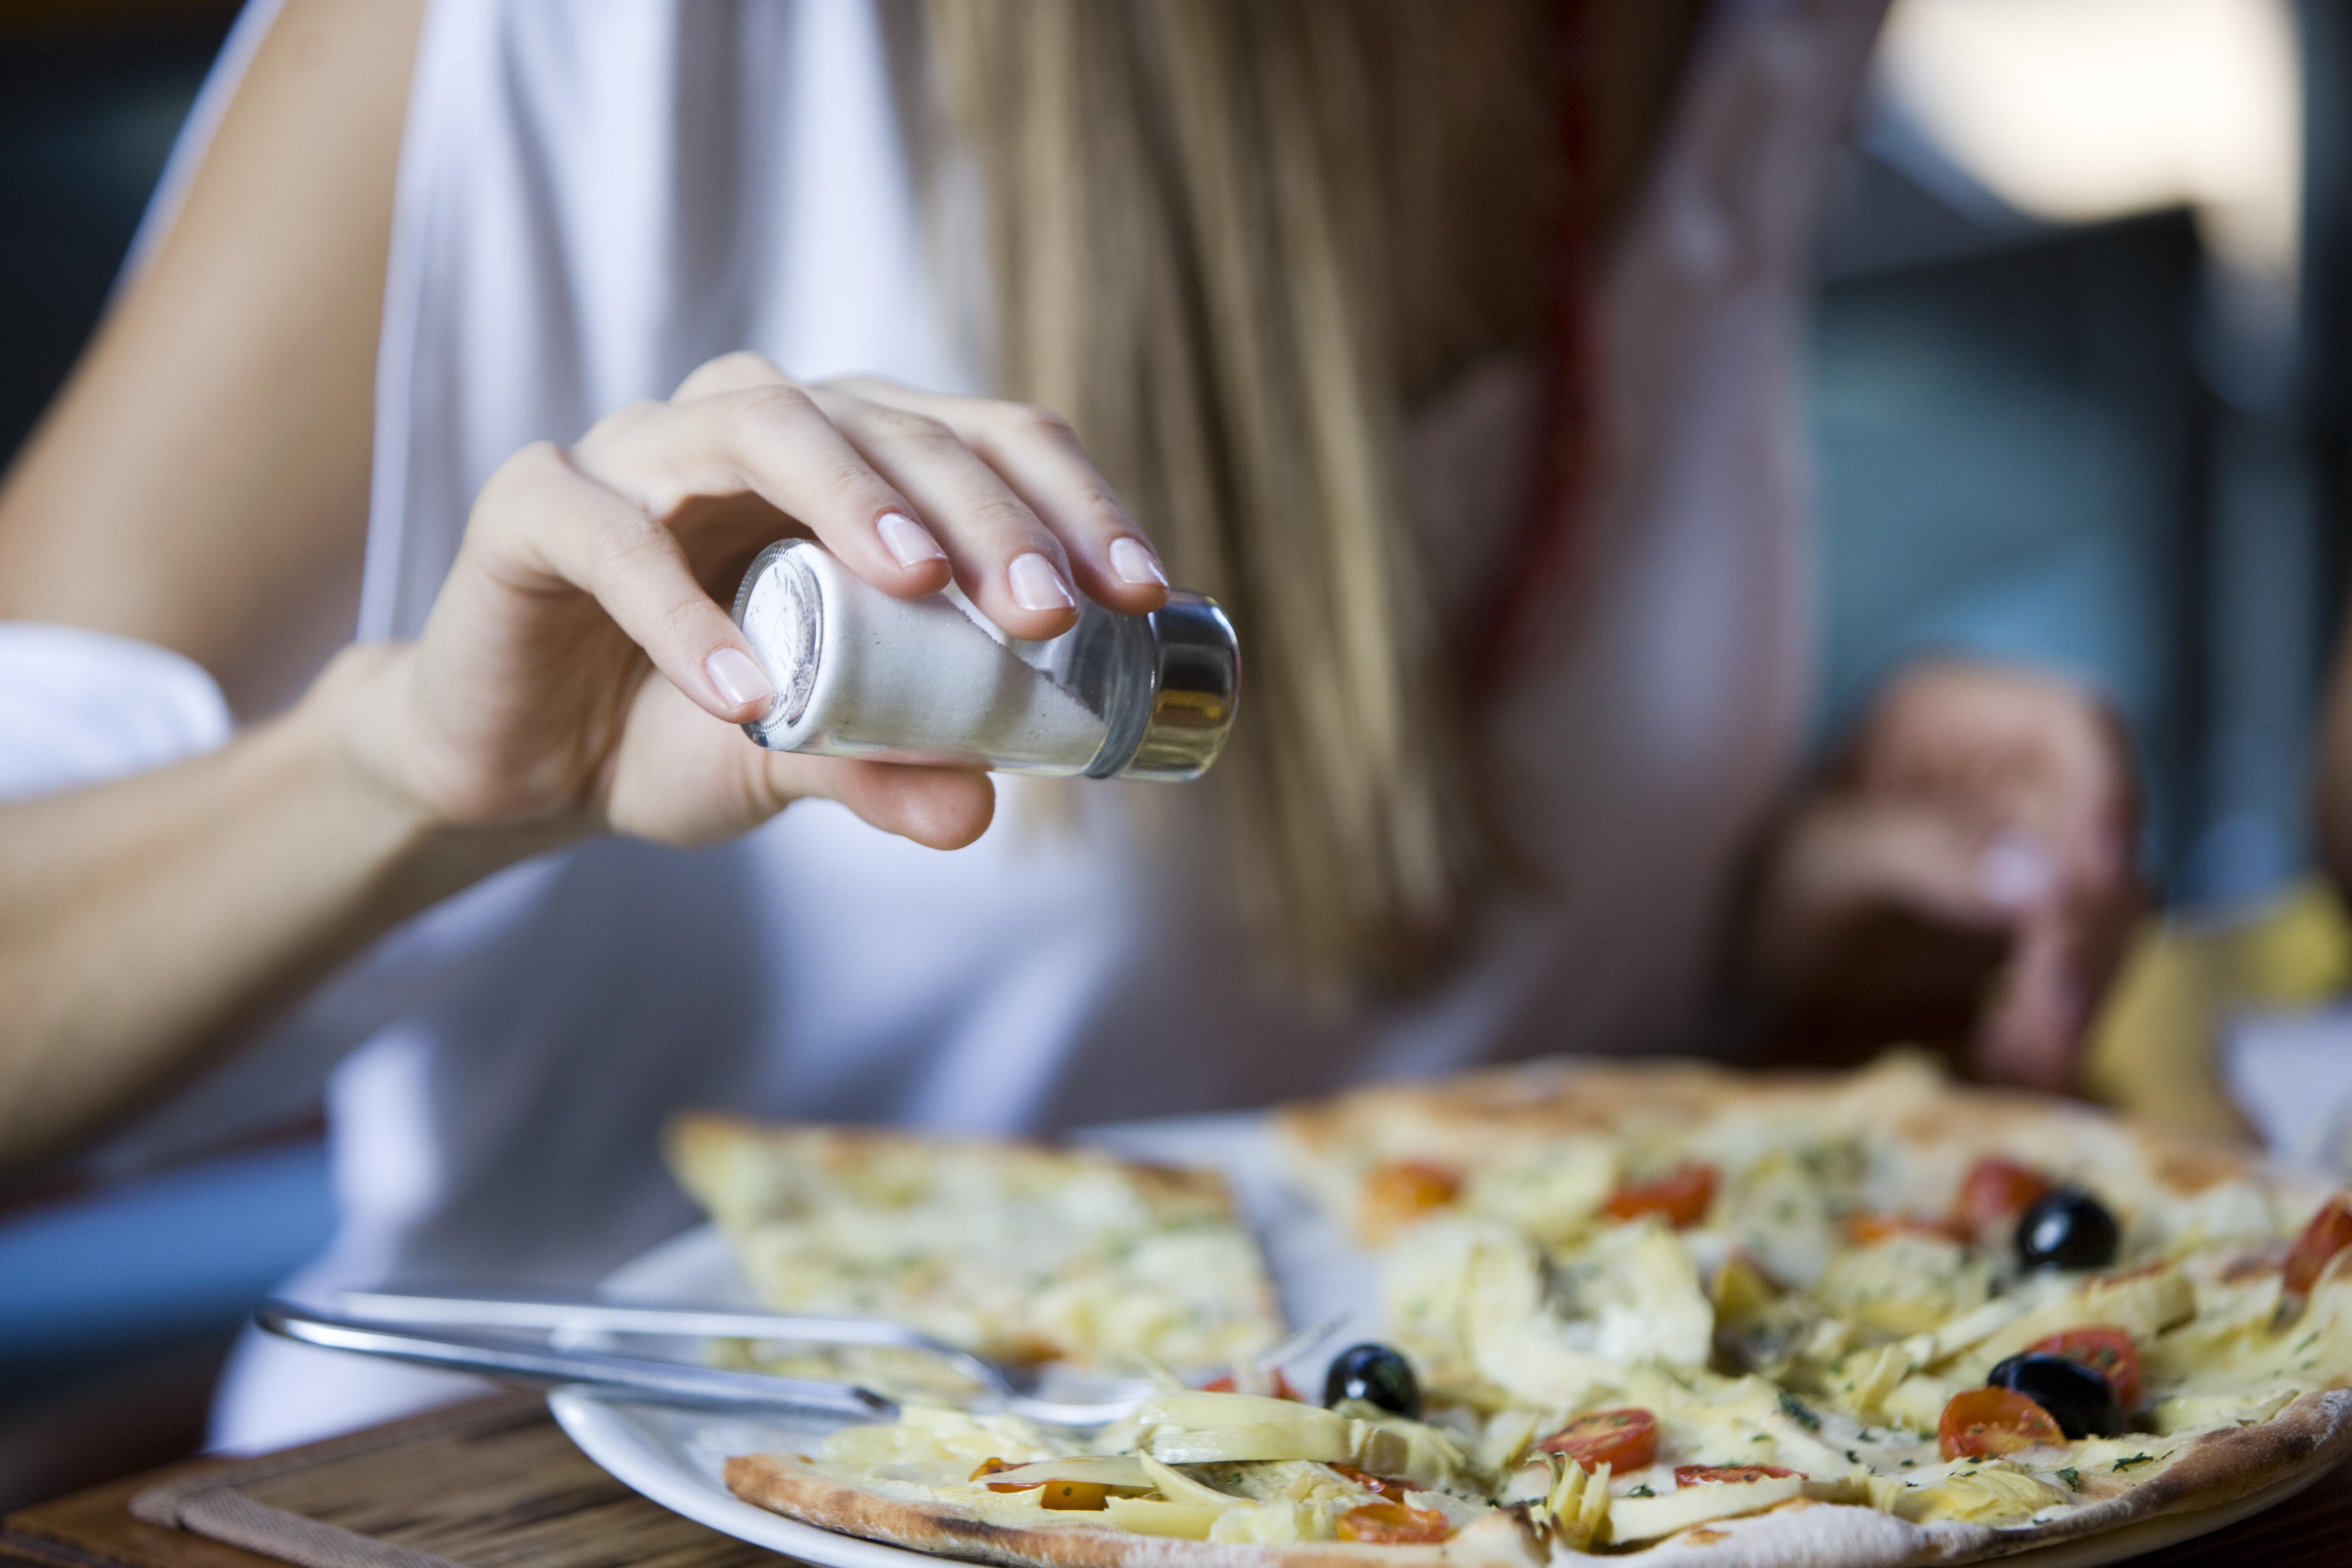 <p>Солта също може да допринесе за подуването - приемаме я с хляба, бързите храни, деликатеси, консервирана храна и обработените храни, а това води до задържане на течности. За да избегнеш това, купувай продукти, които не са богати на натрий (като бързи и обработени храни), и се съсредоточи върху други овкусители.</p>